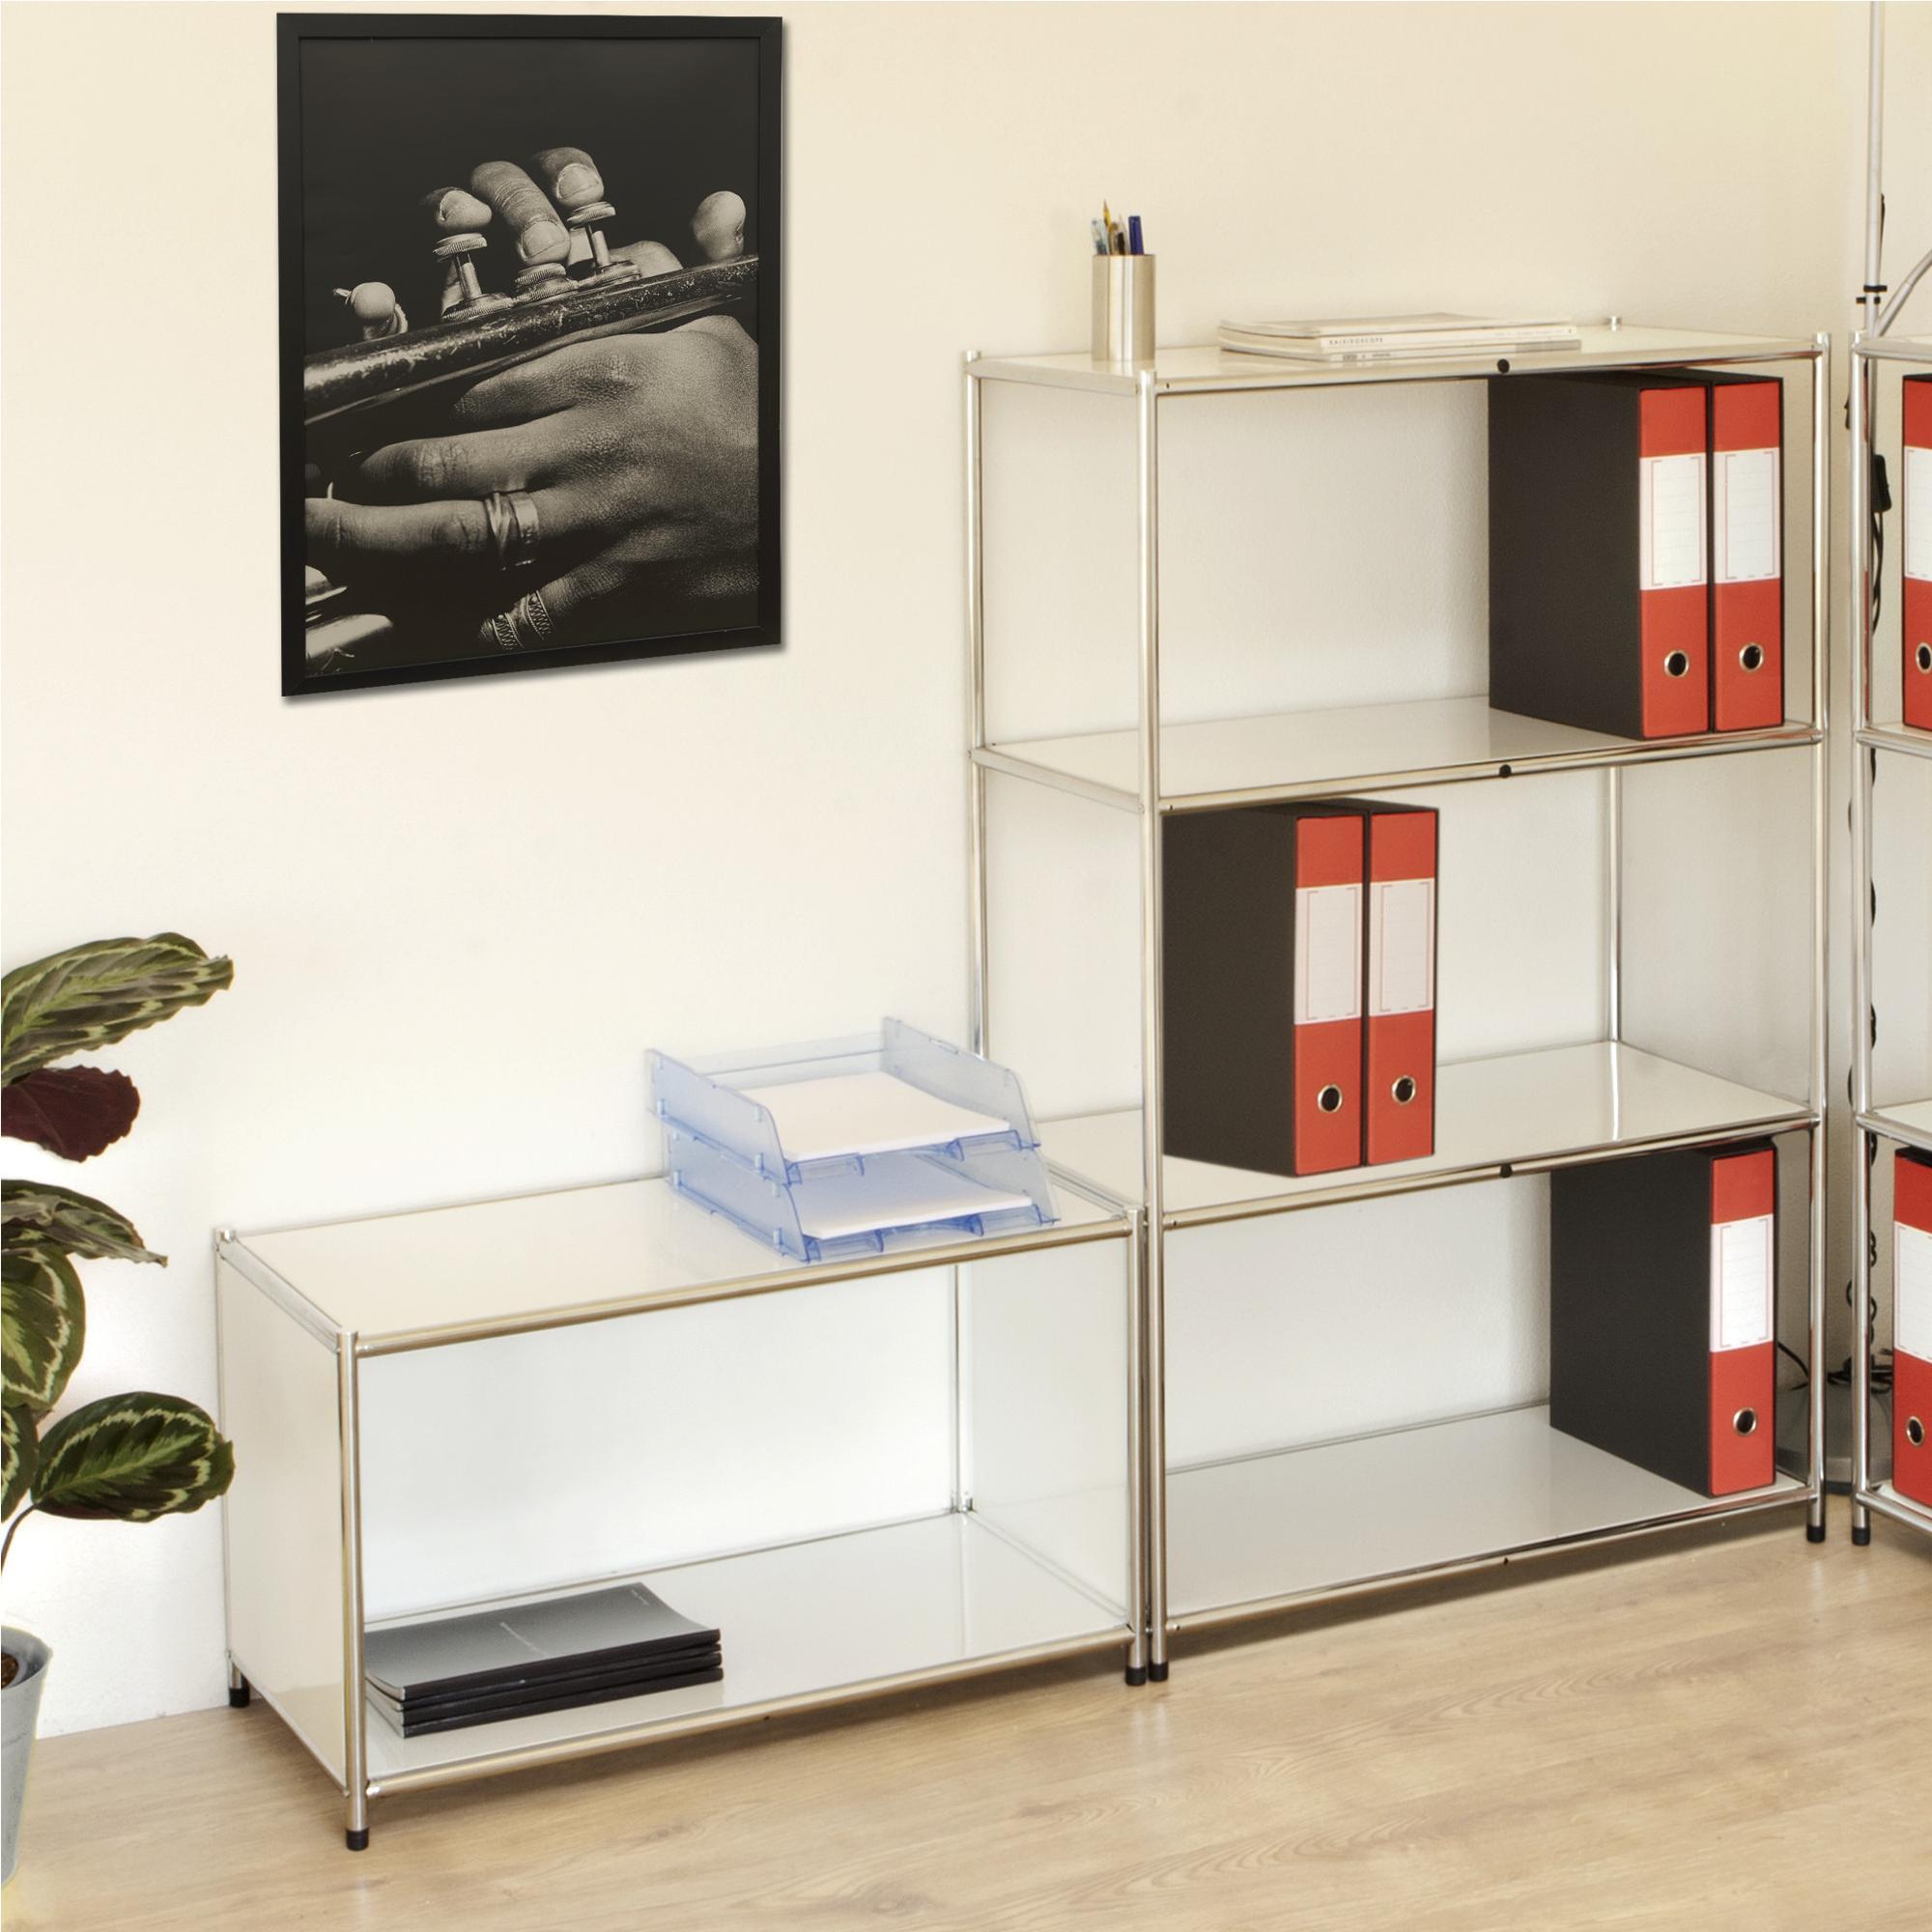 Scaffali Libreria Bianchi.Libreria Scaffale Cromato Con 4 Ripiani Bianchi 40x80xh120 Cm Cromo Archimede System